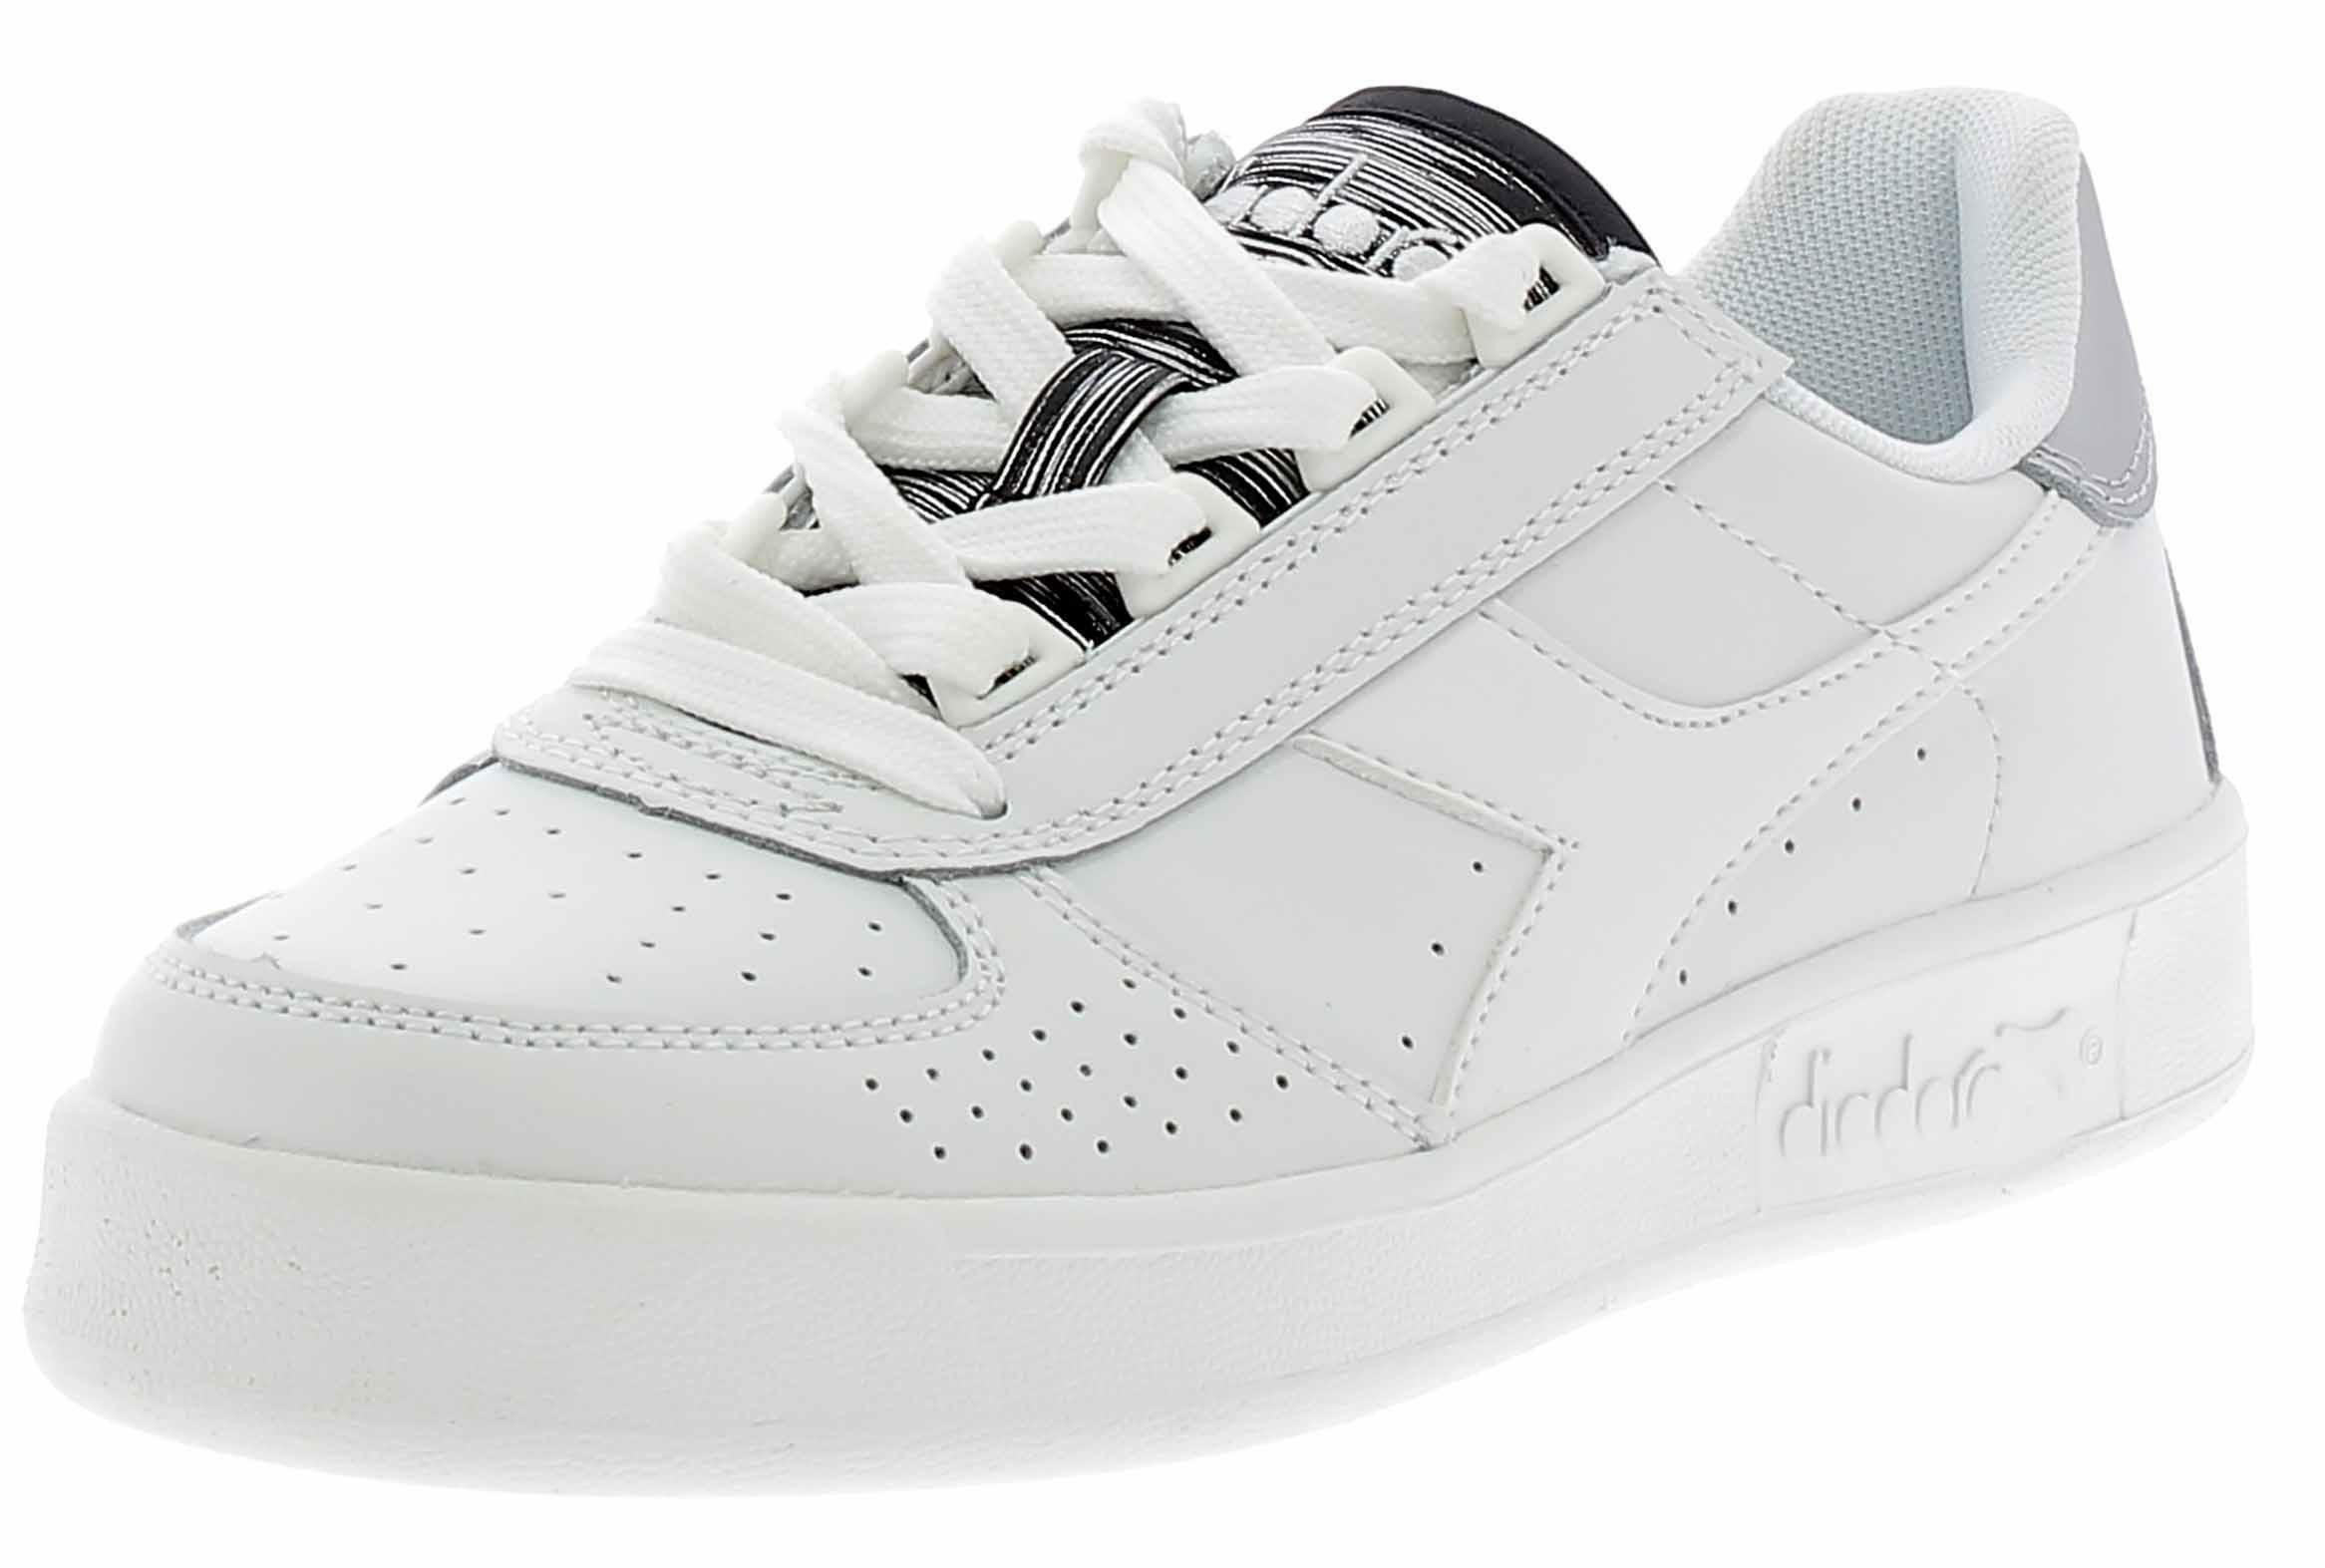 DIADORA Elite White Women's Sports shoes 17399301C0516